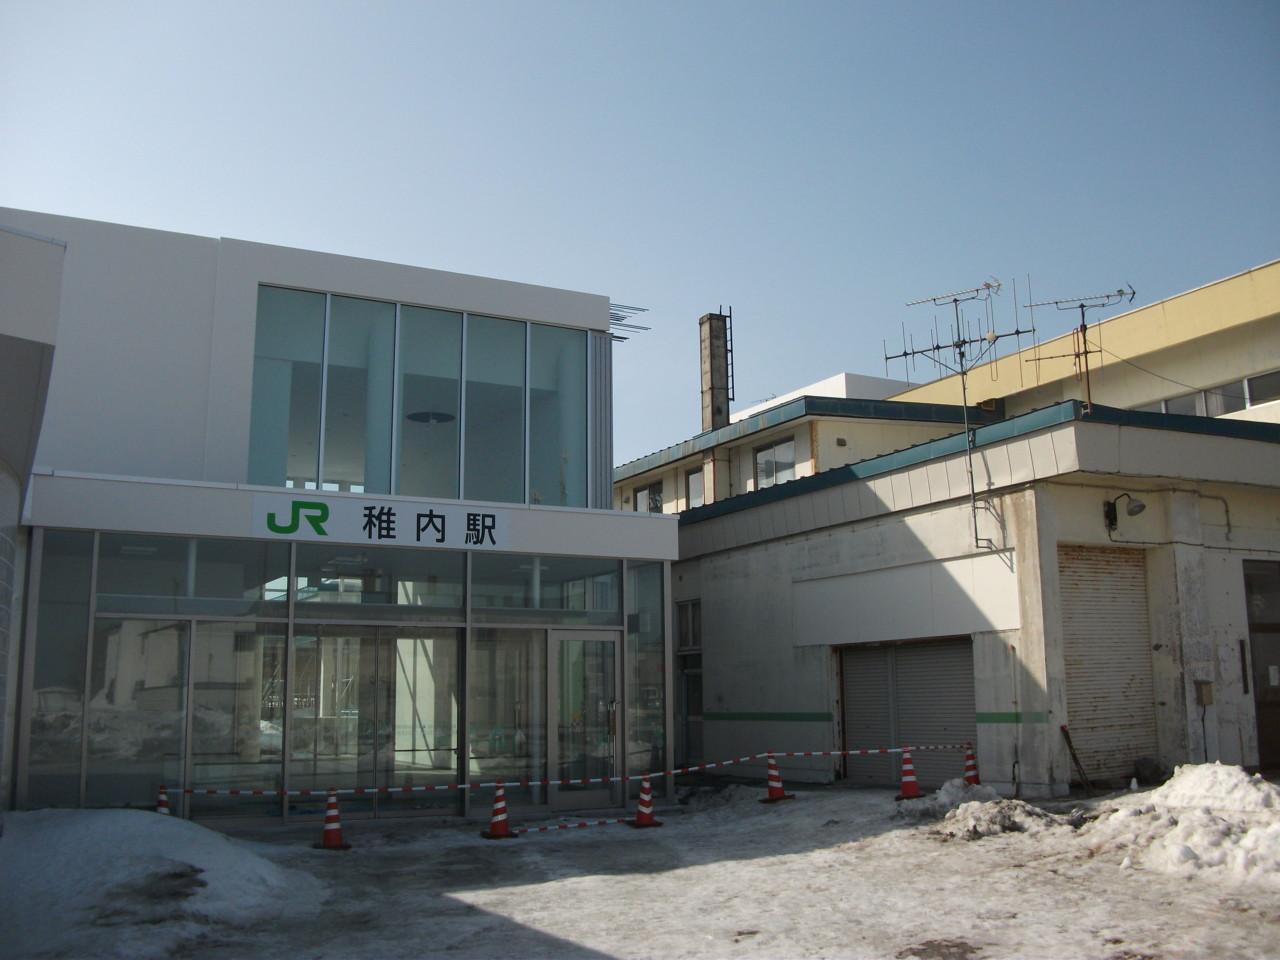 09:44  稚内新駅舎